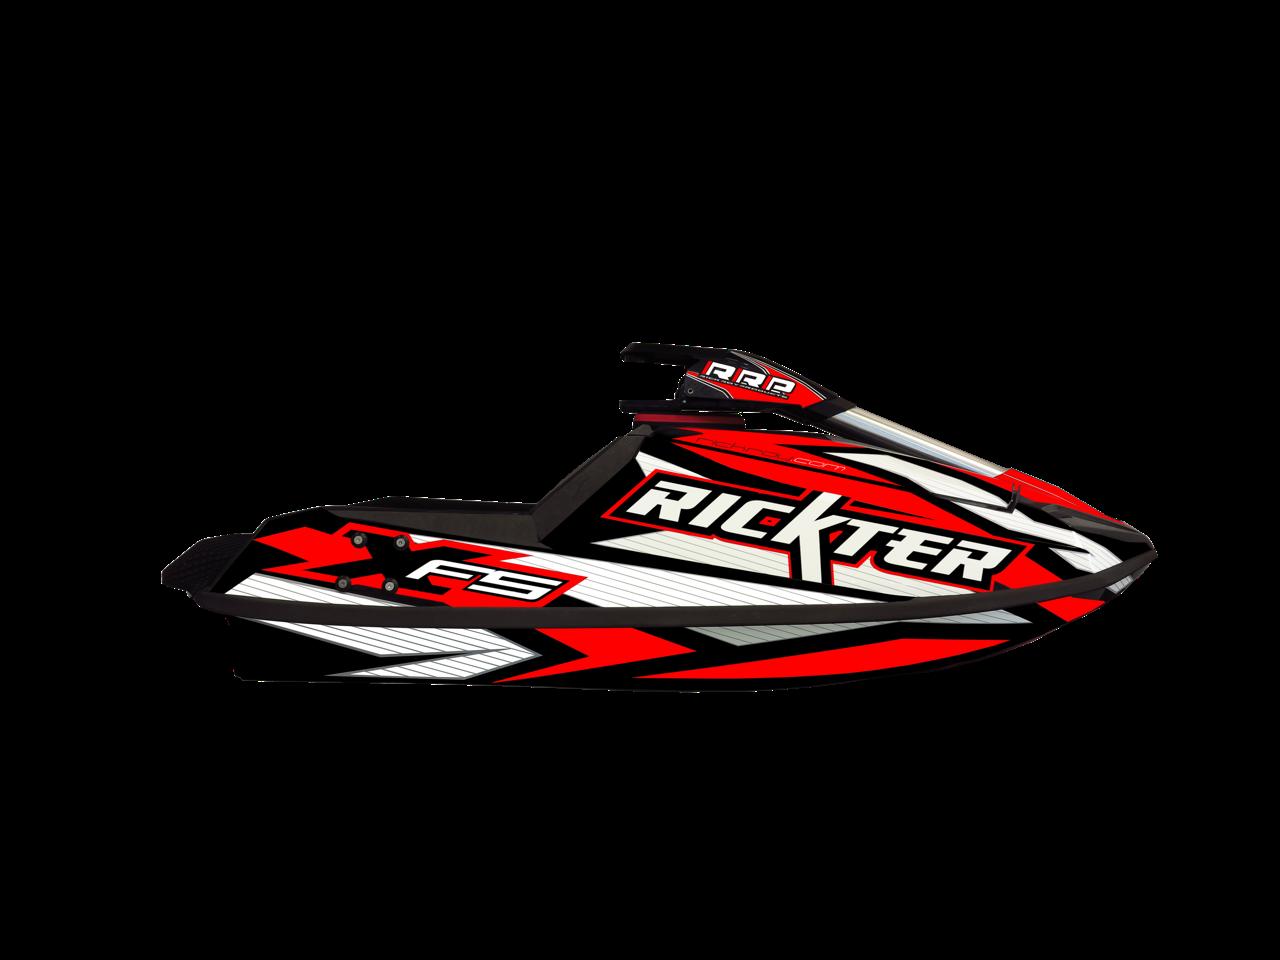 Red Jet Ski PNG Image